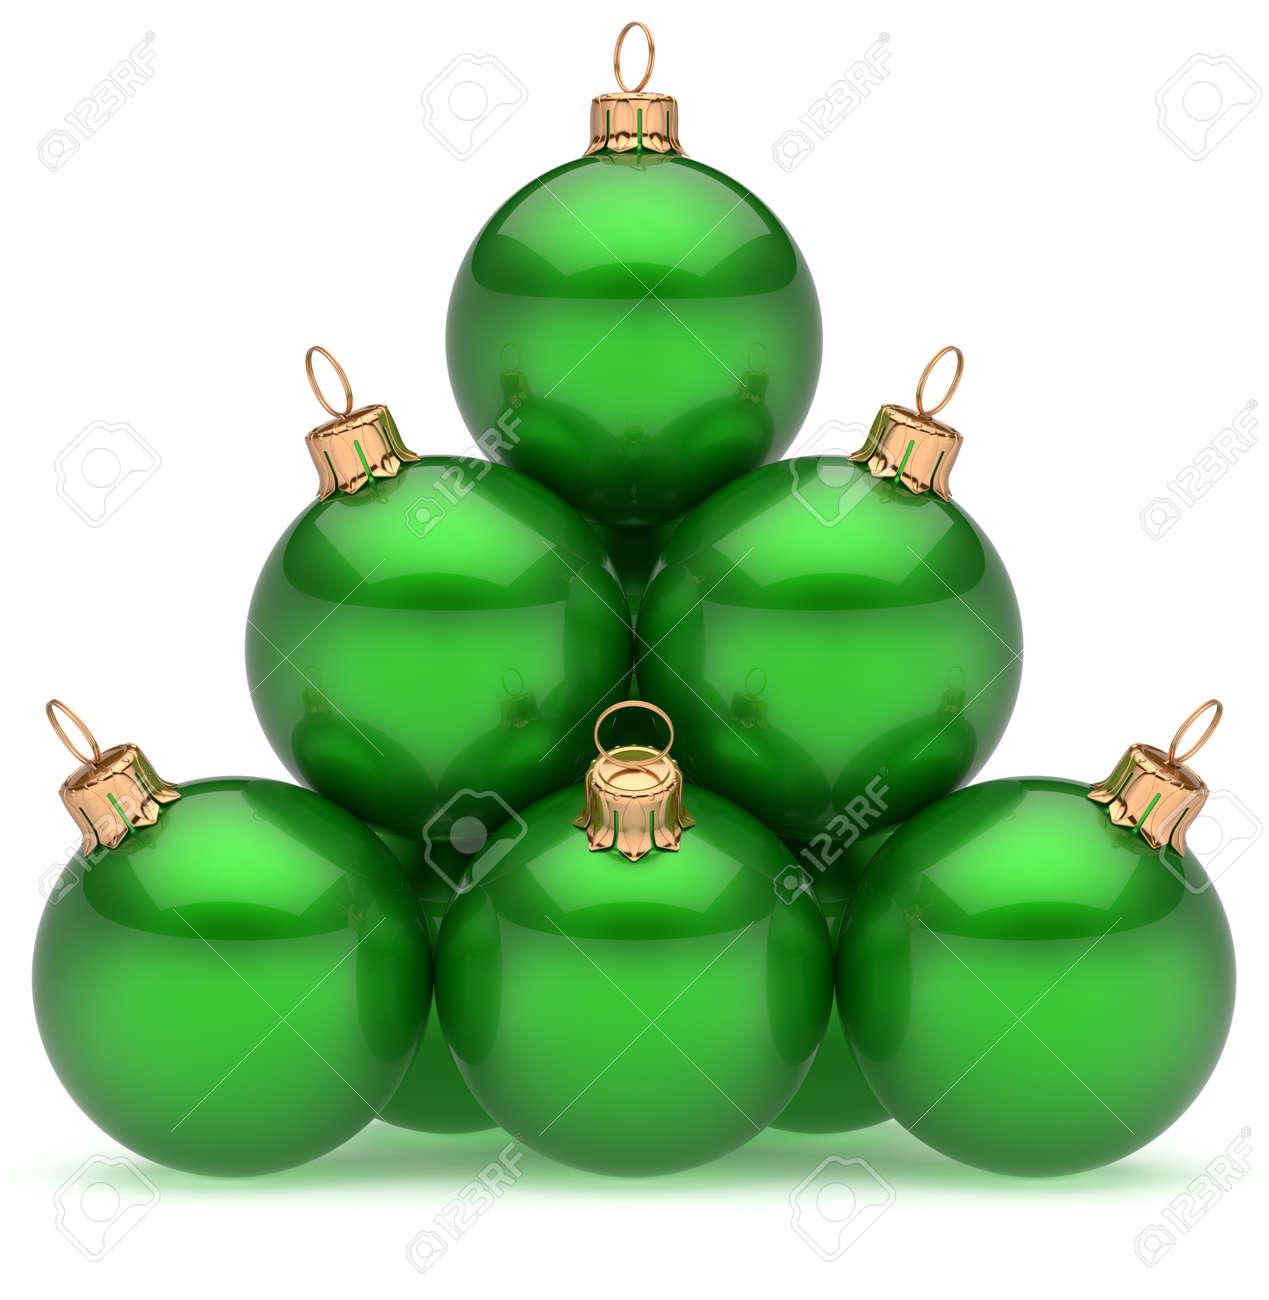 7e125932414 Bola de navidad pirámide de esferas brillantes eva chuchería grupo jpg  1269x1300 Bola de navidad verde